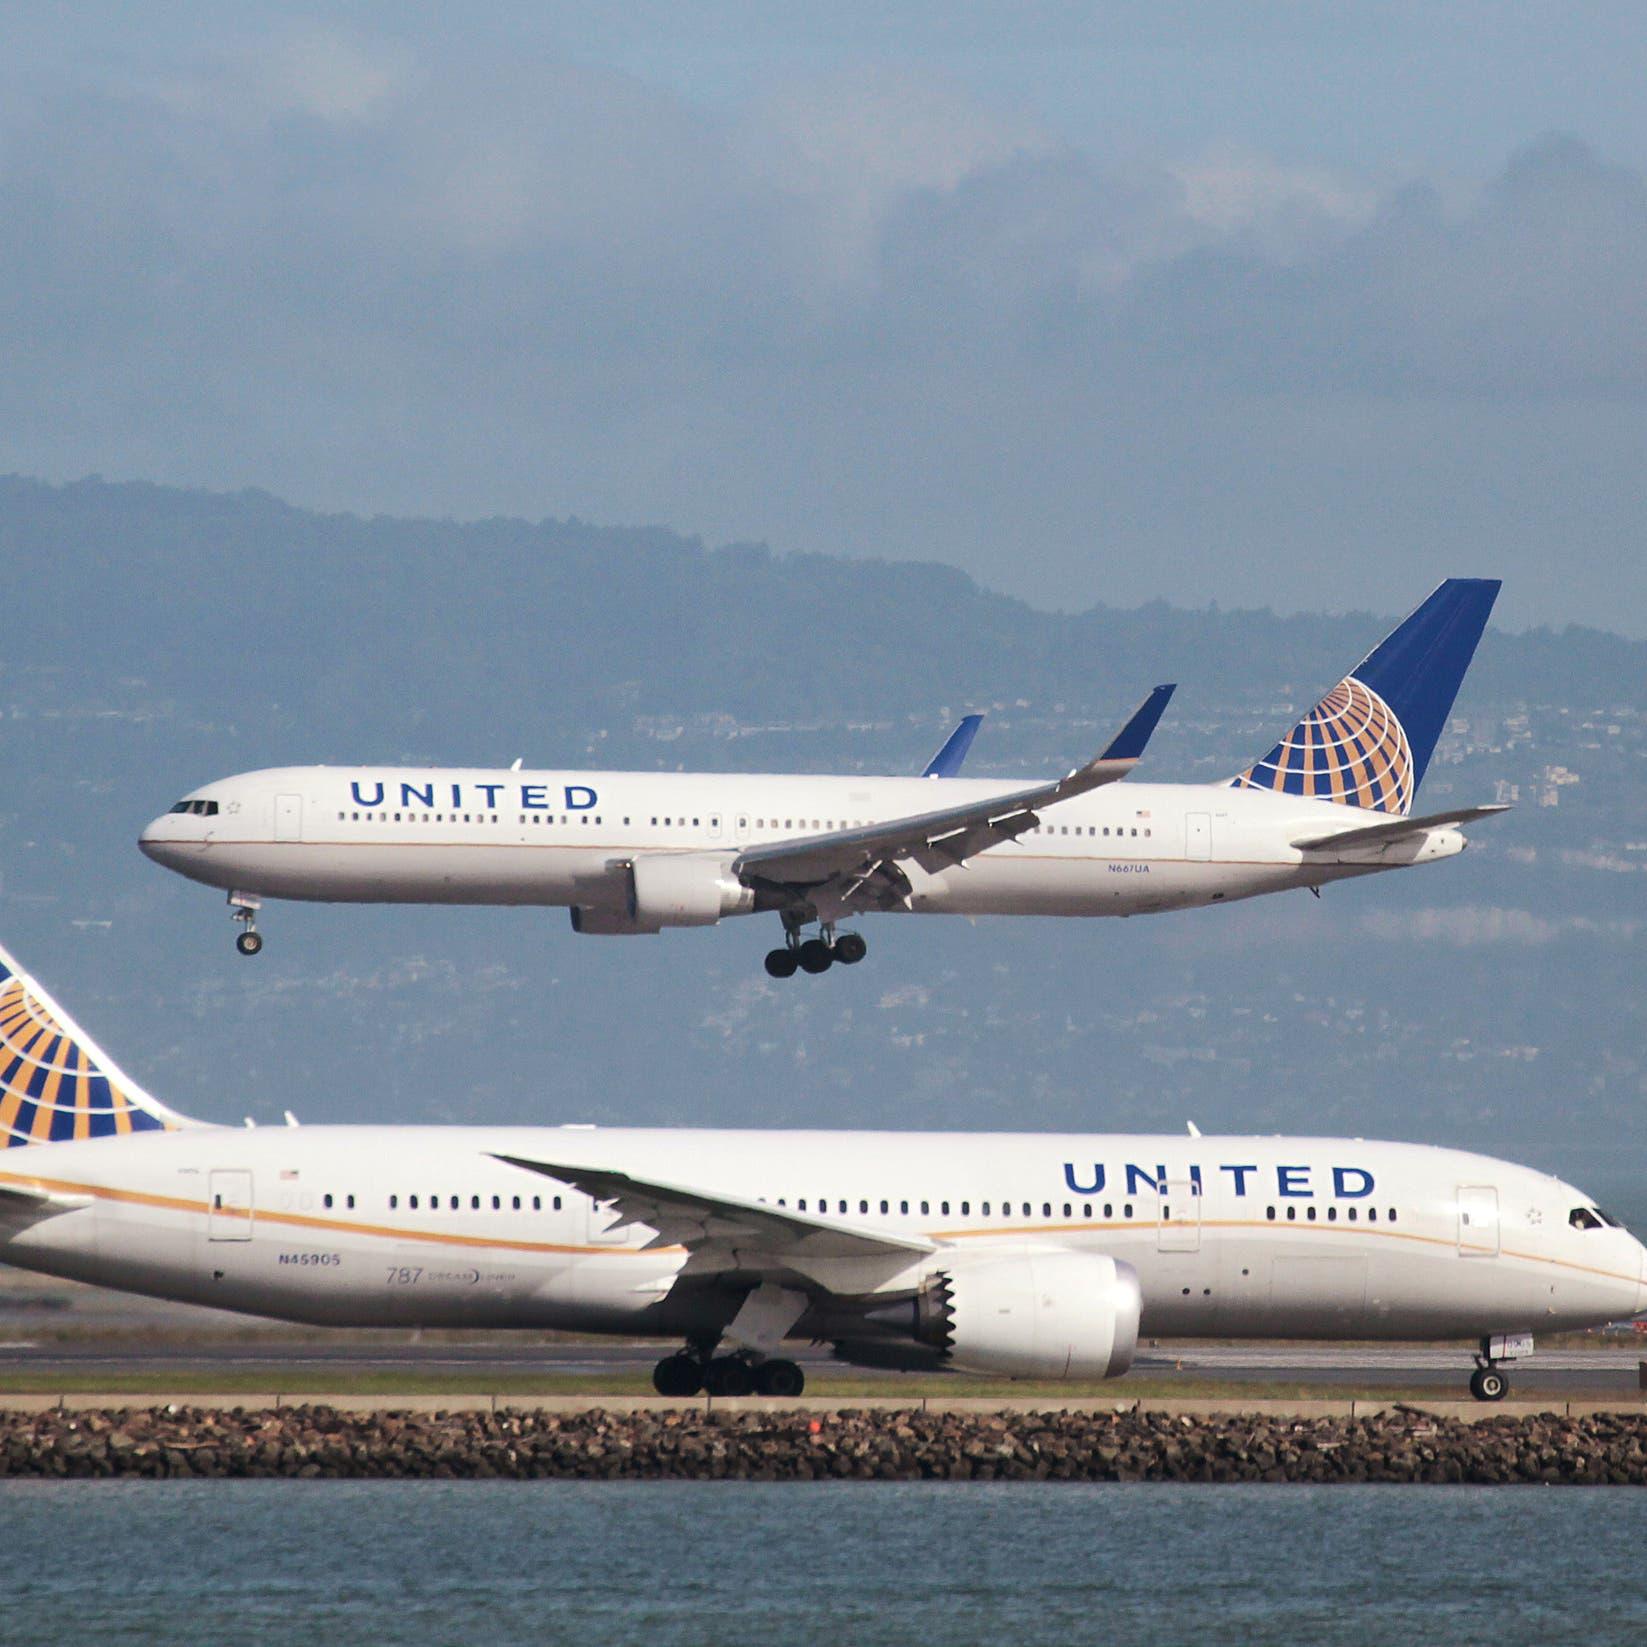 شركة طيران أميركية تحاول كسر قيود السفر.. ماذا فعلت؟